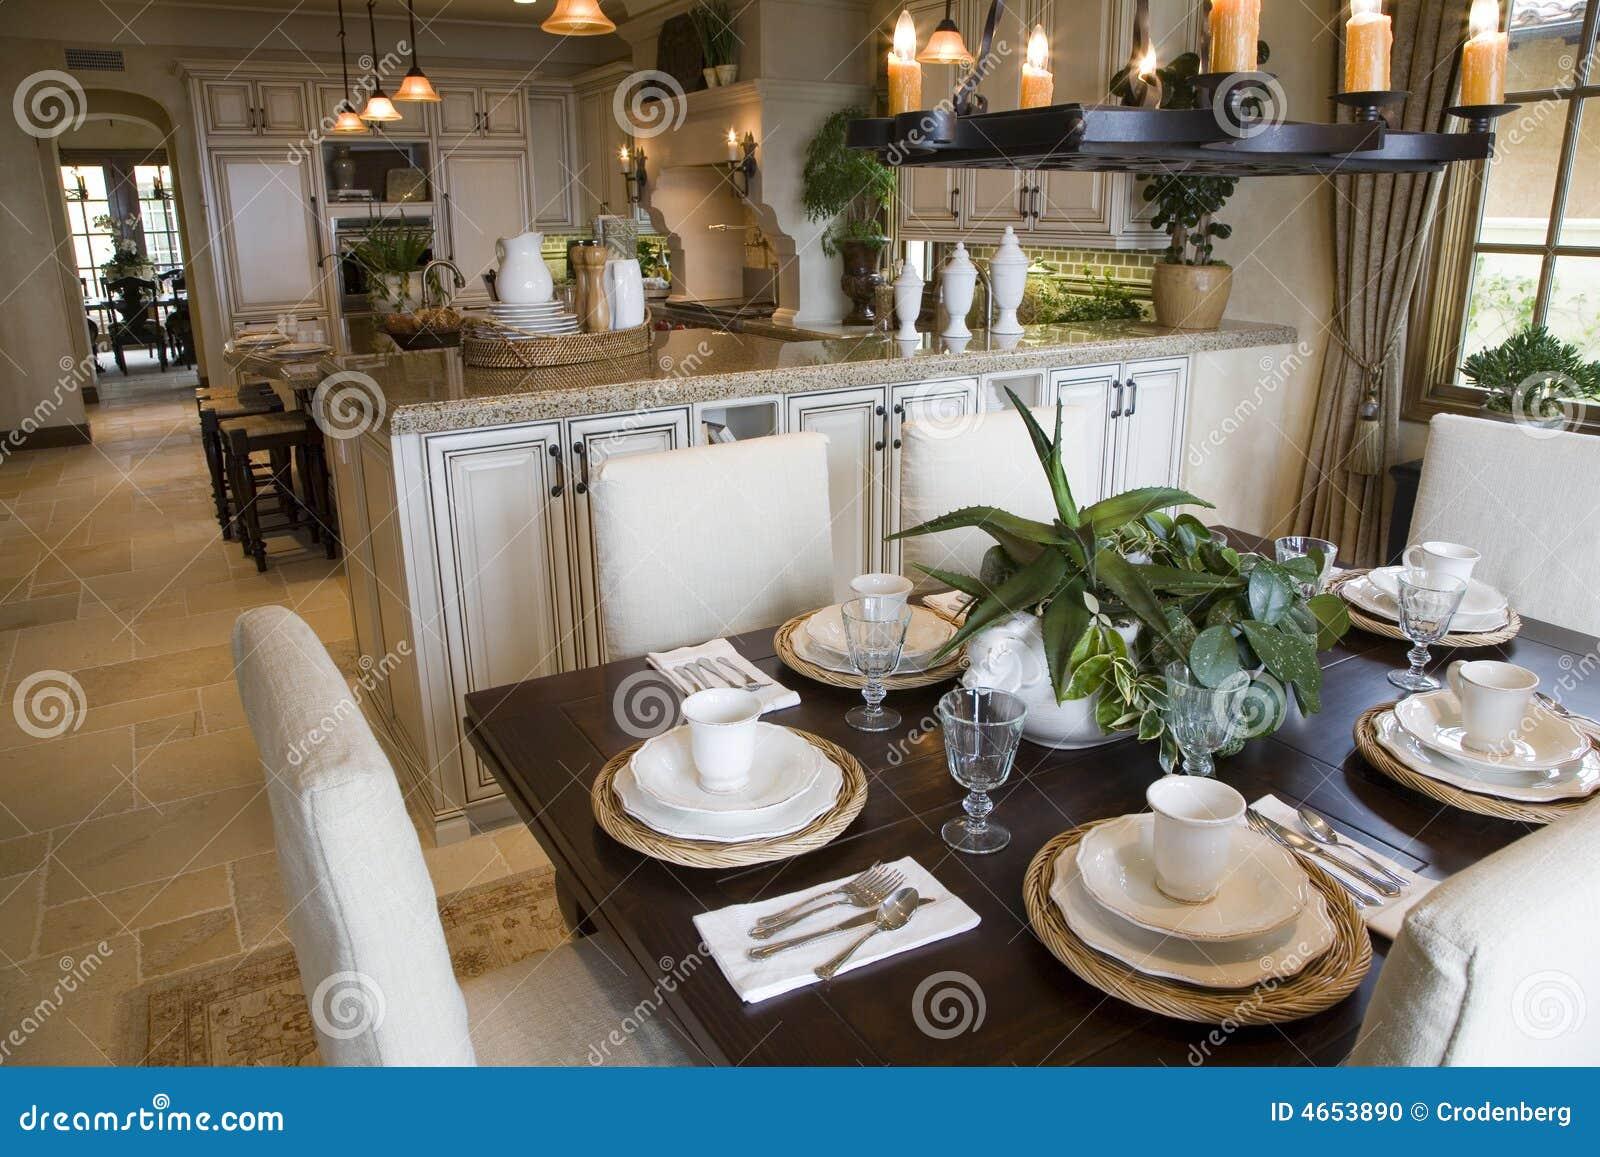 Table de déjeuner à la maison de luxe.